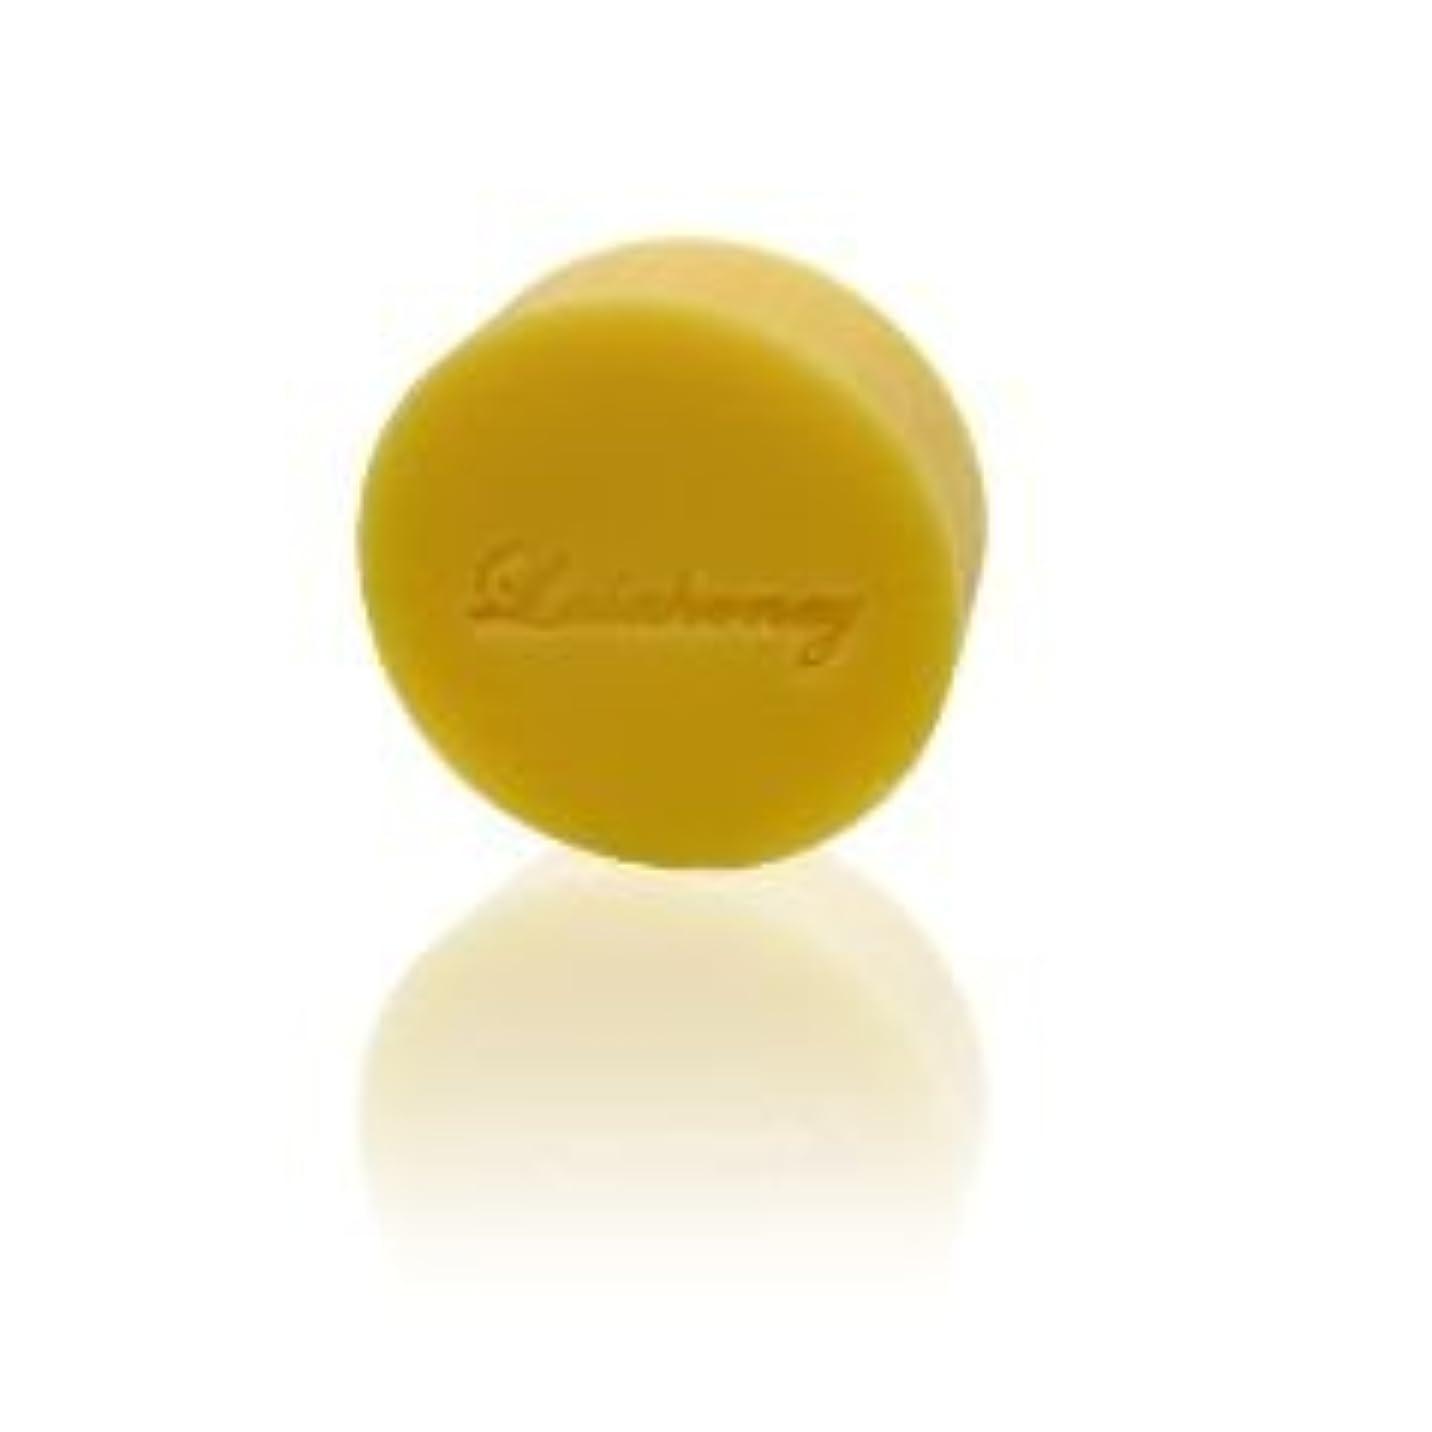 静かなにんじんほうきLALAHONEY 石鹸〈柚子の香り〉20g【手作りでシンプルなコールドプロセス製法】